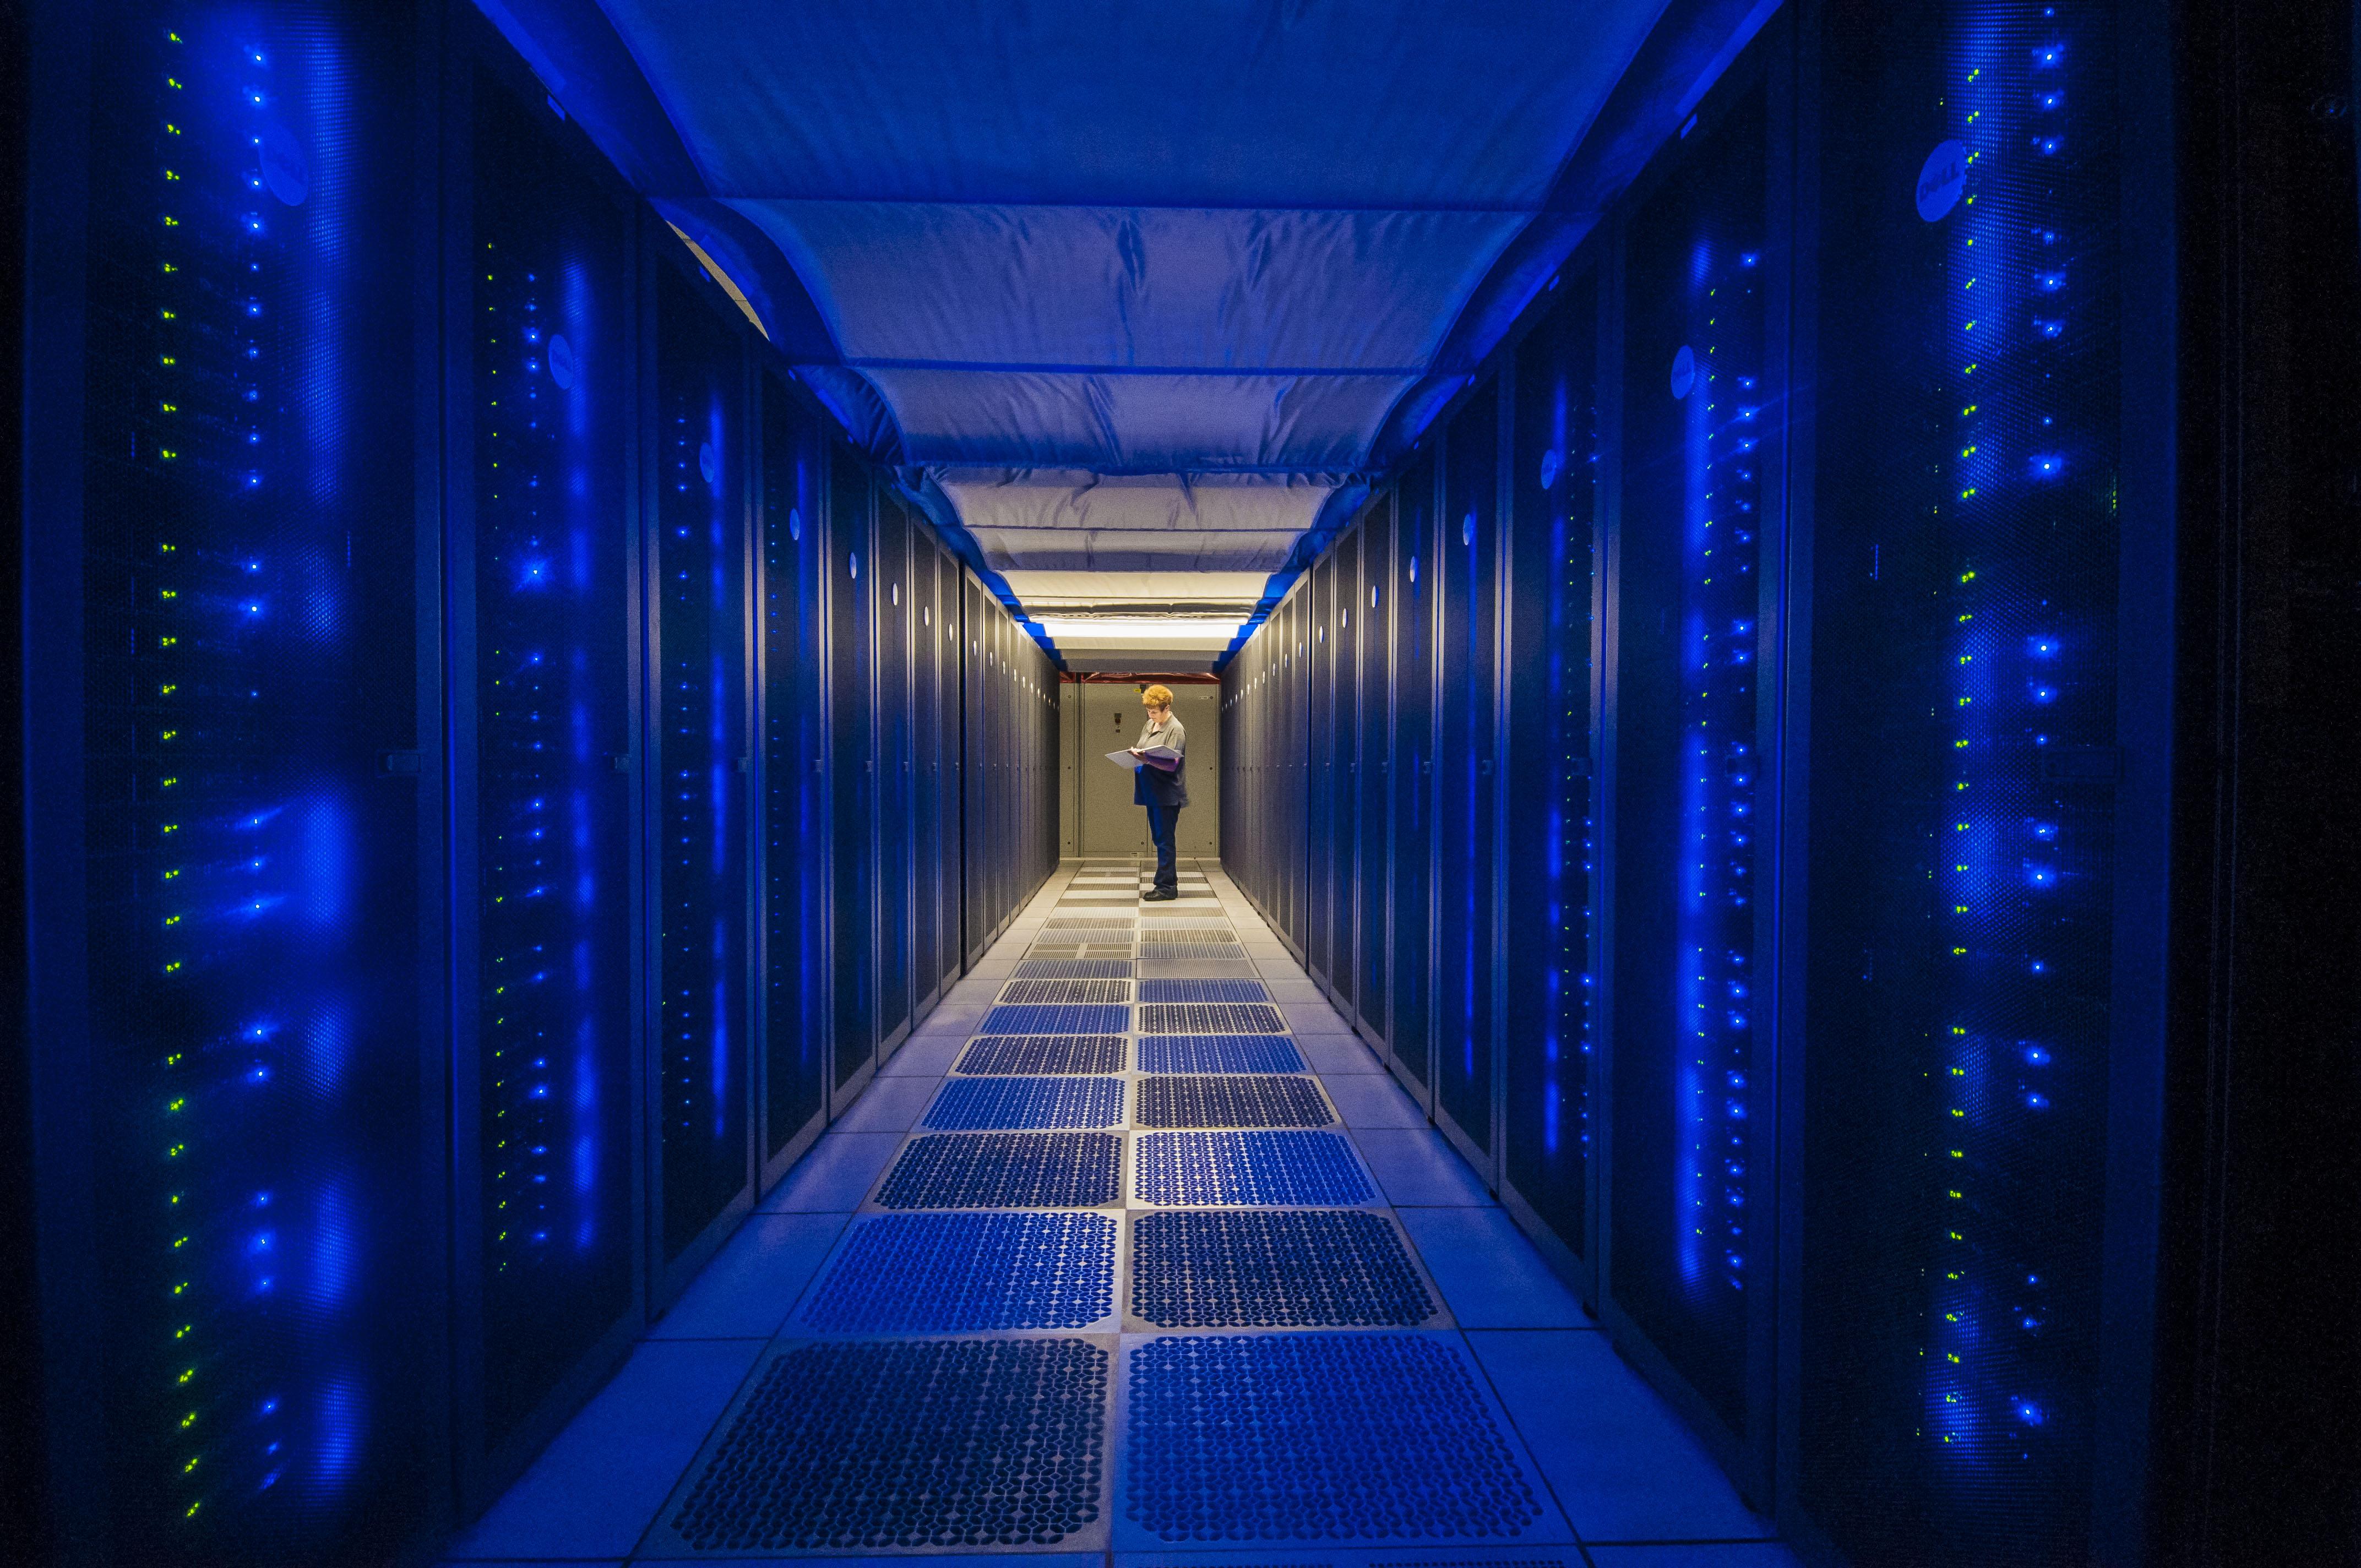 ¿Qué hacer para asegurar mi web hosting?